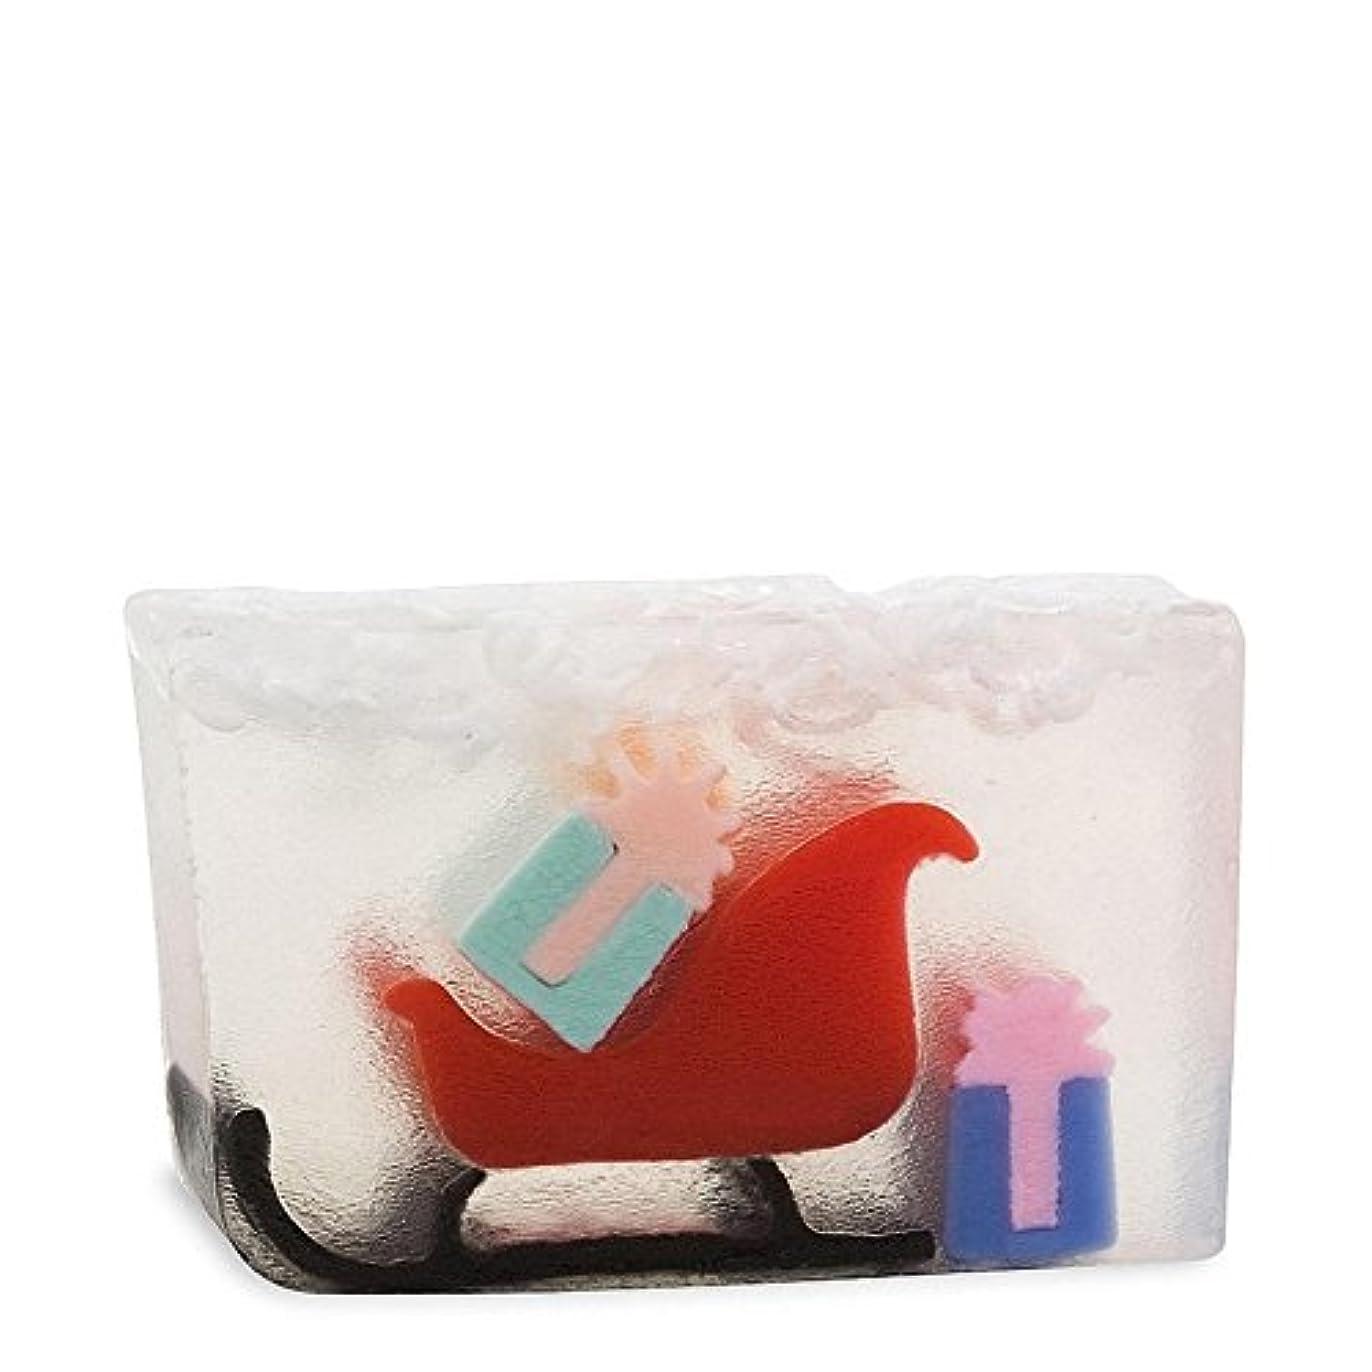 原始要素のサンタのそり x2 - Primal Elements Santas Sleigh (Pack of 2) [並行輸入品]